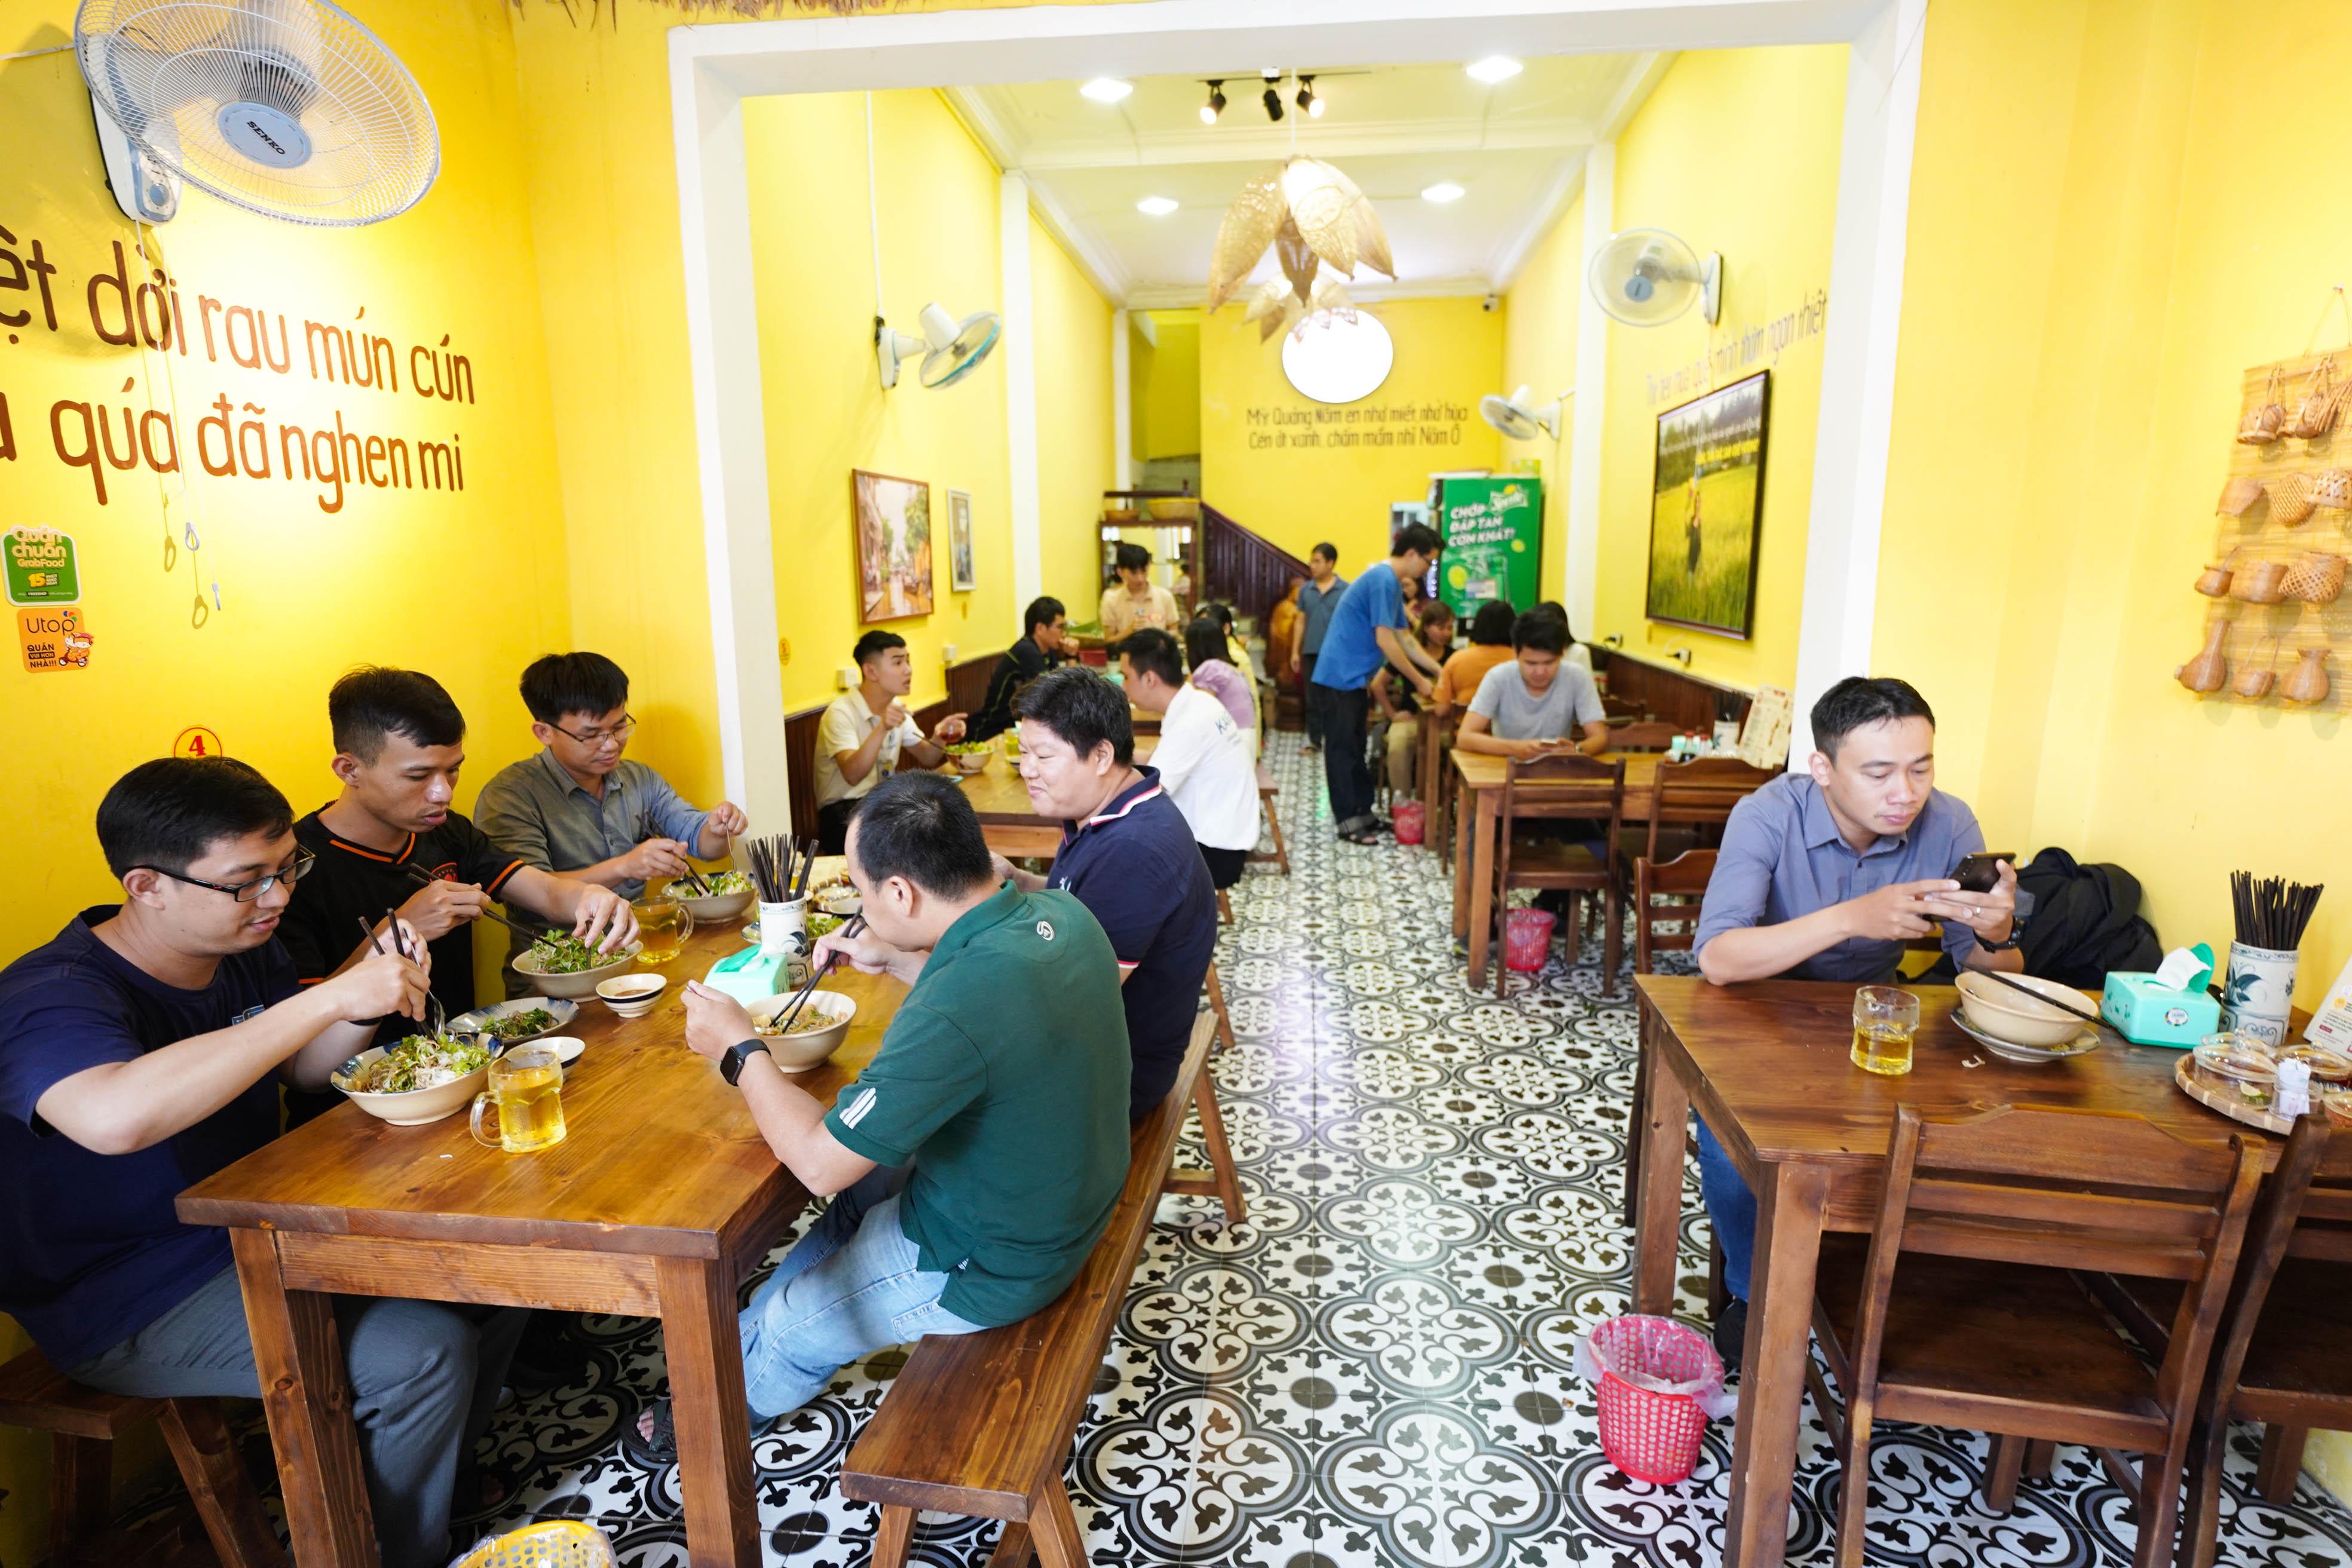 Mì Quảng Bà Mua – đệ nhất mì Quảng Đà Thành giữa lòng Sài Gòn 13